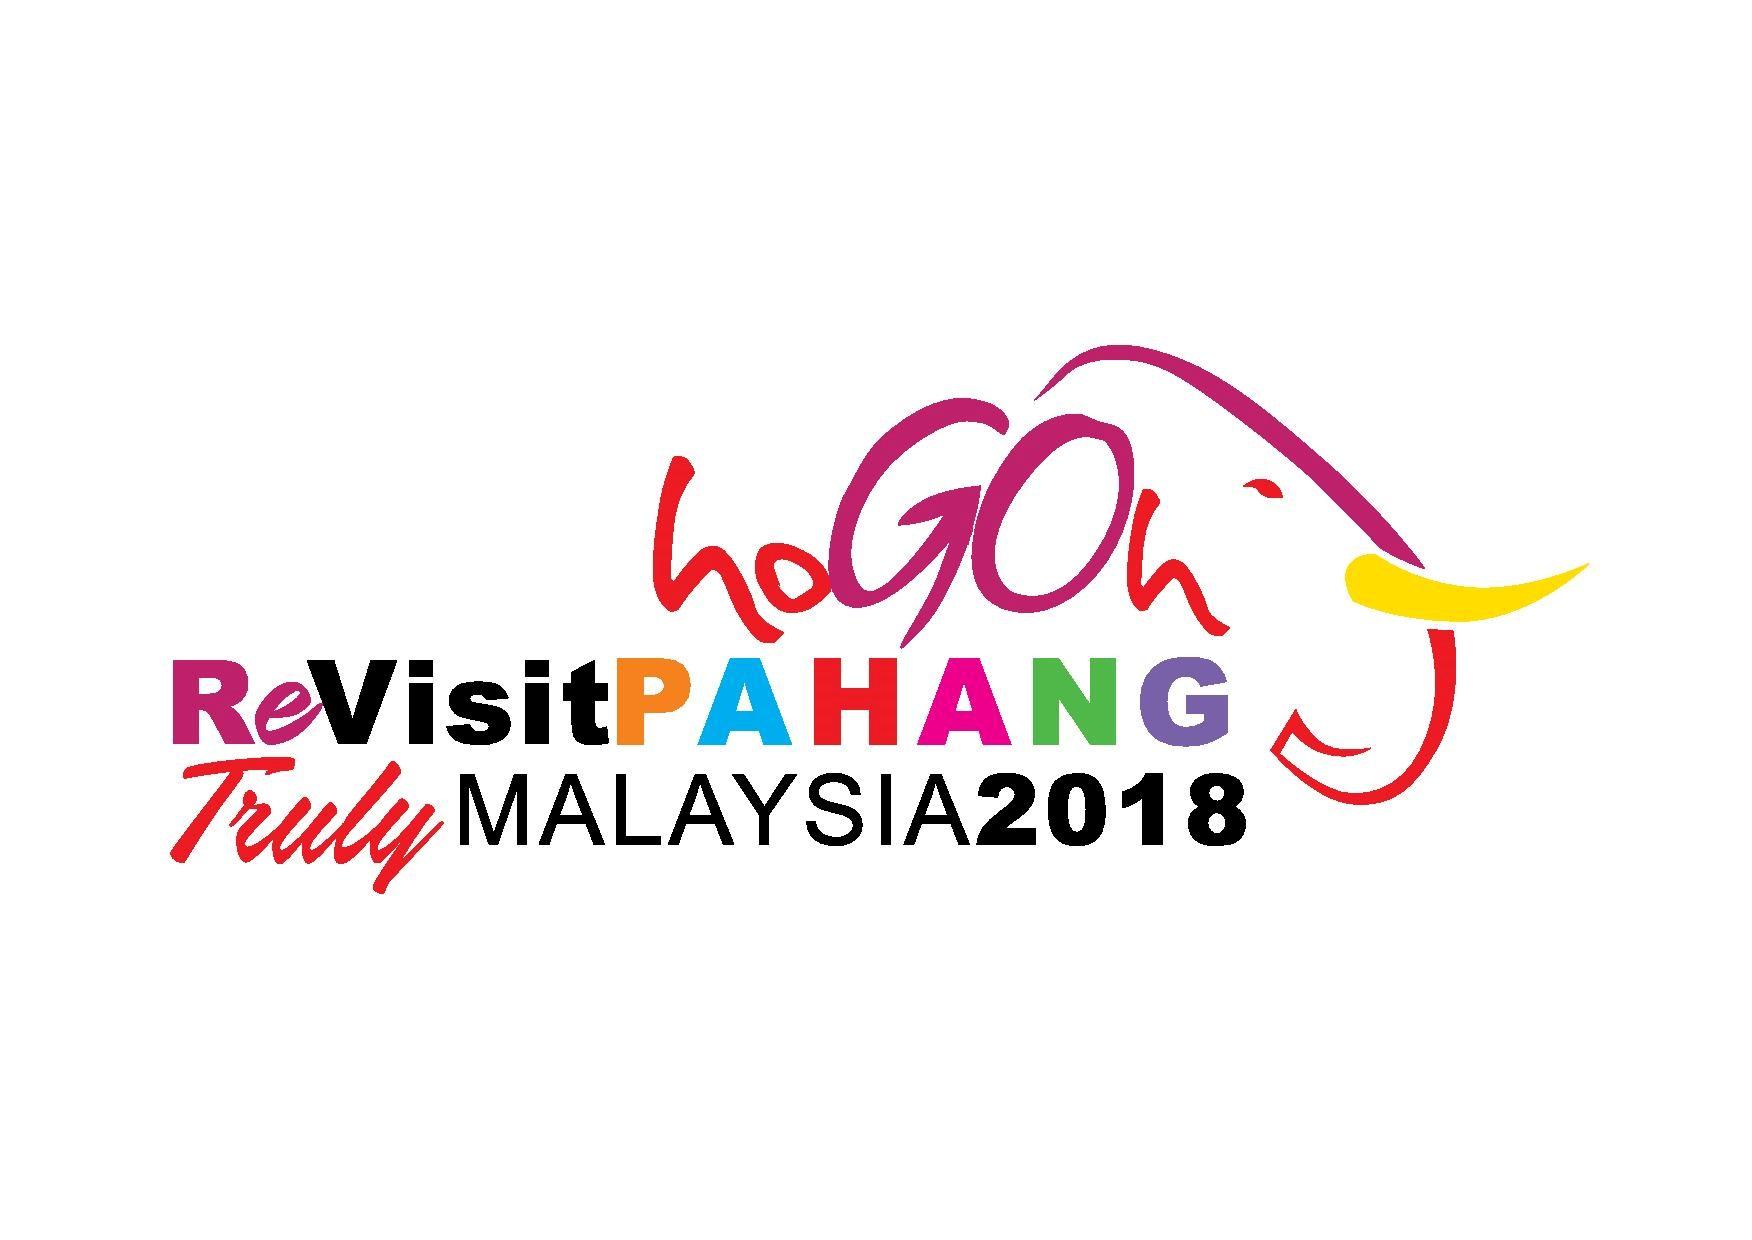 Revisit-Pahang